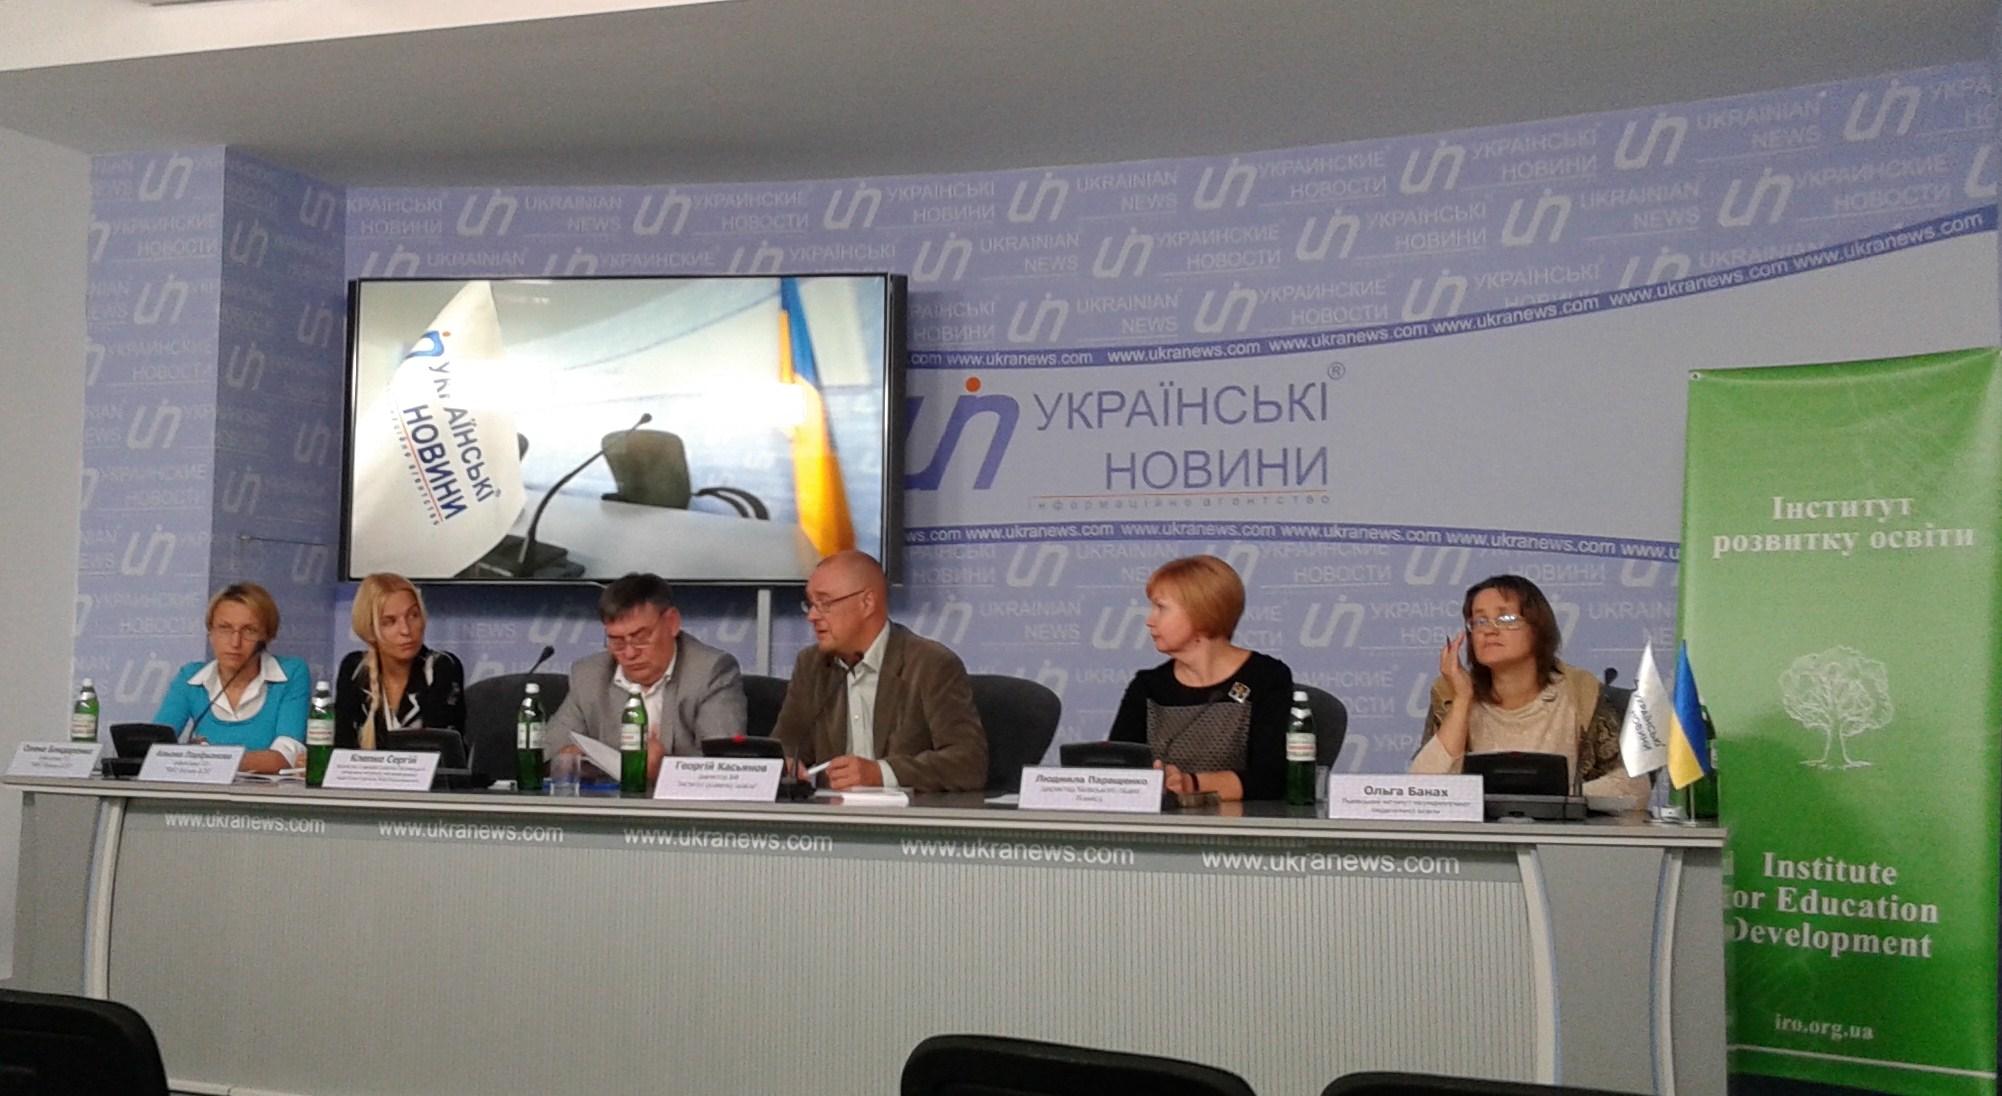 В Україні створили інститут розвитку освіти